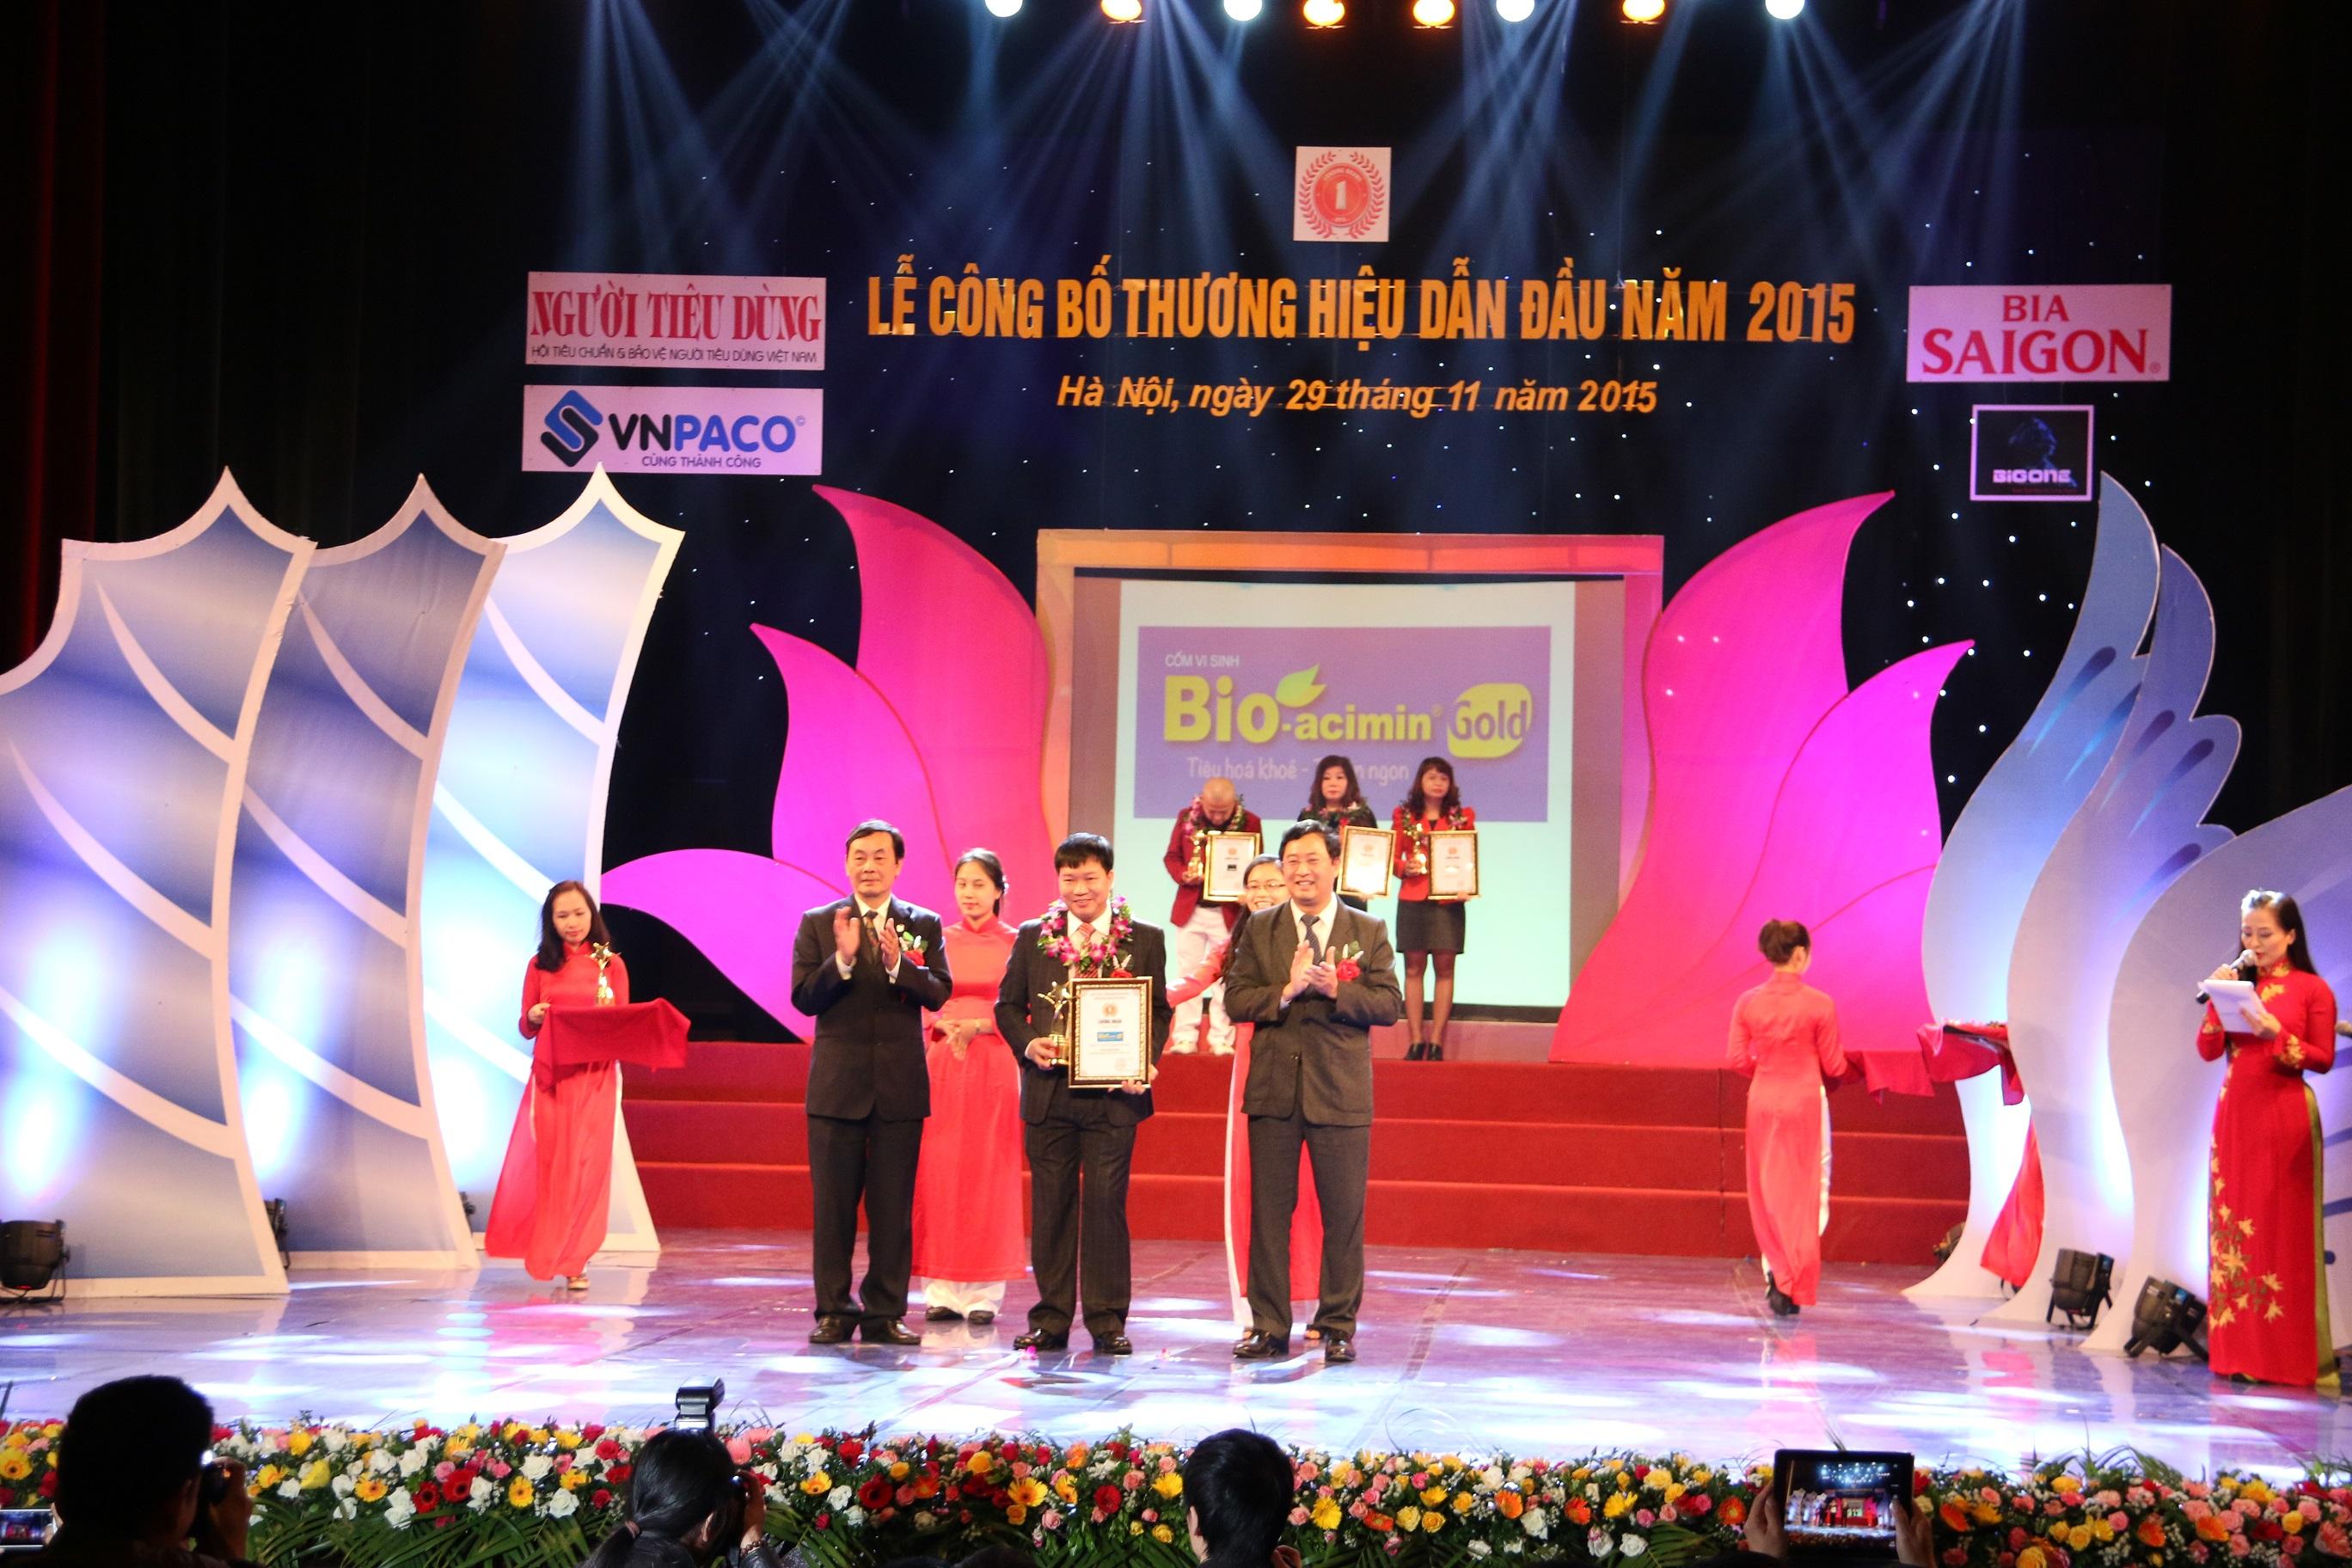 Bio-acimin Gold nam trong top 100 Thuong hieu dan dau